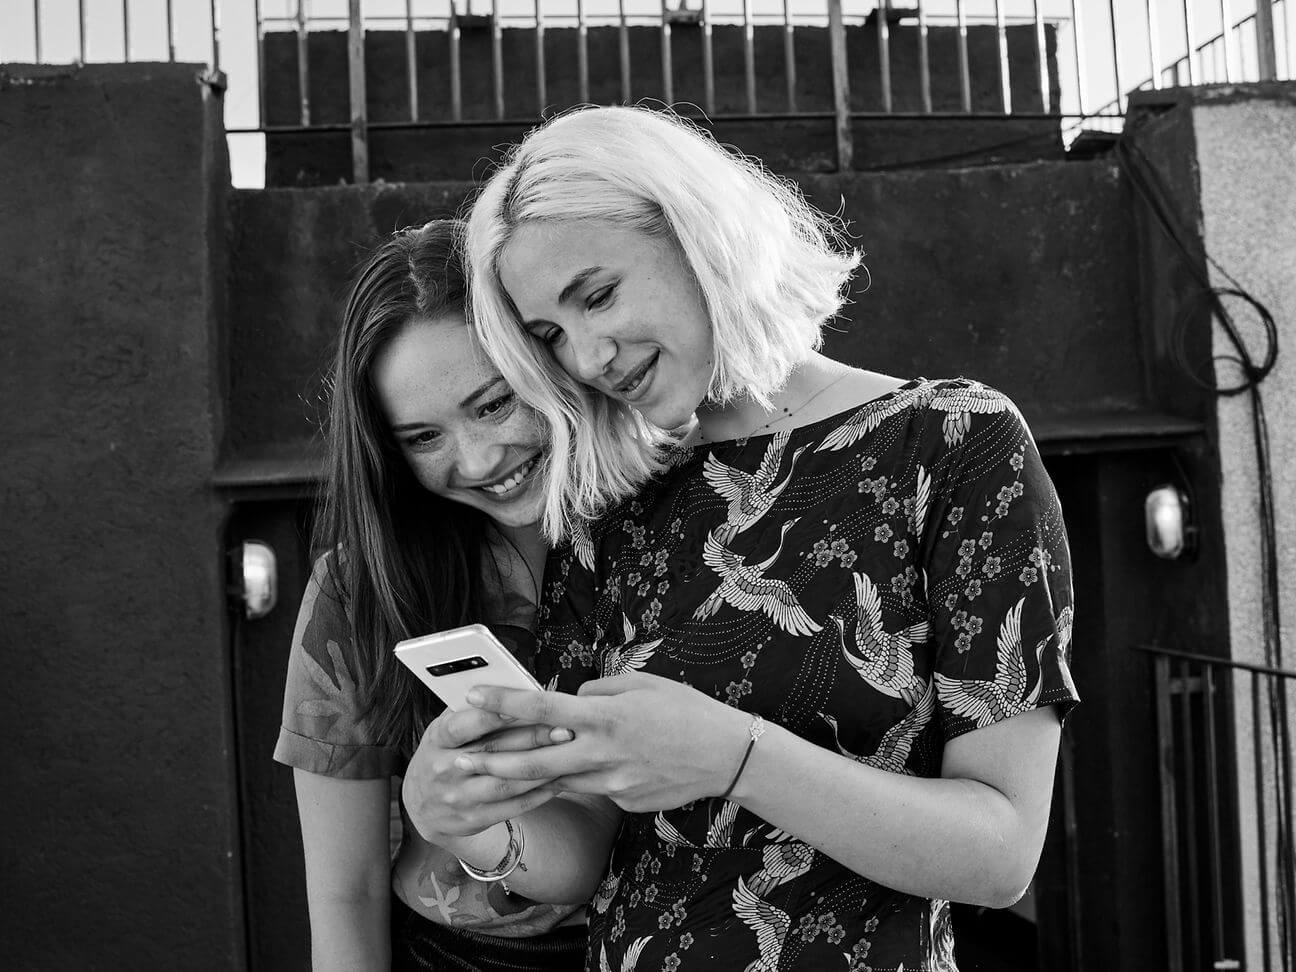 StreamOn Social&Chat: Telekom bringt Flatrate für Messenger und Spiele • Apfellike.com